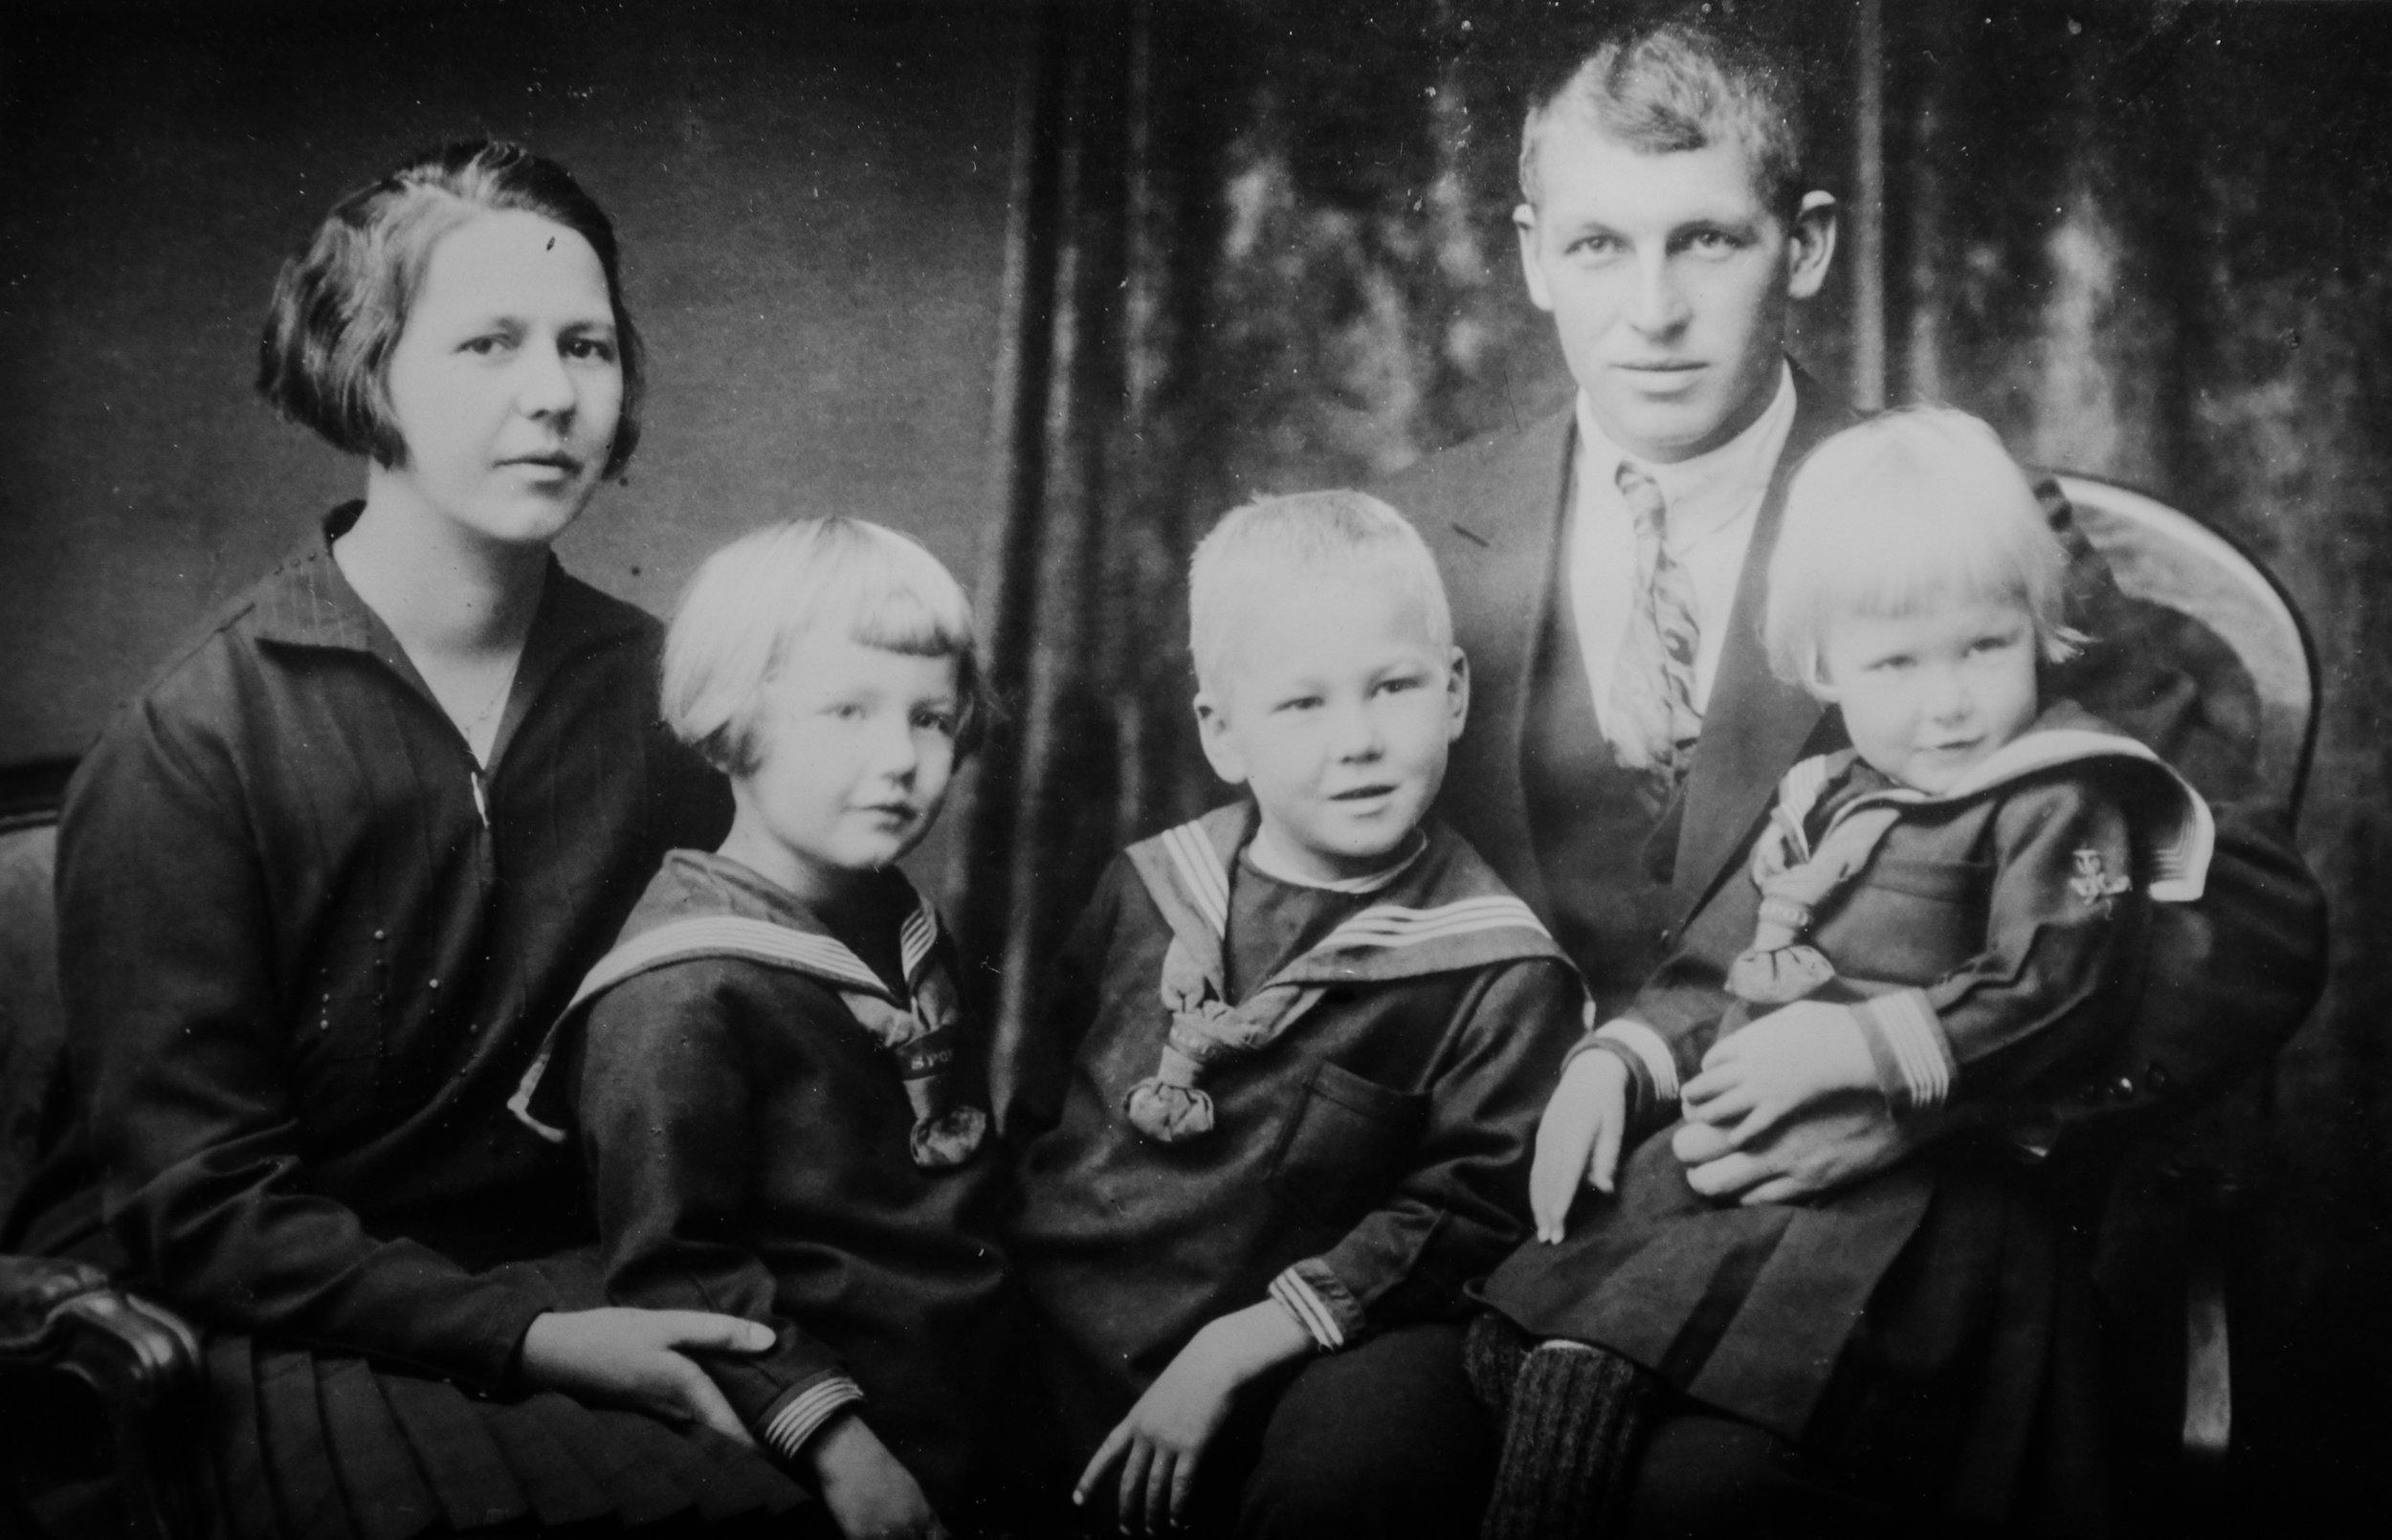 Familiebilete frå ca 1930. Birgit og Endre Haugen med tre av barna sine (frå venstre): Mari, Lambrecht og Ragnhild. (Fotograf ukjend)